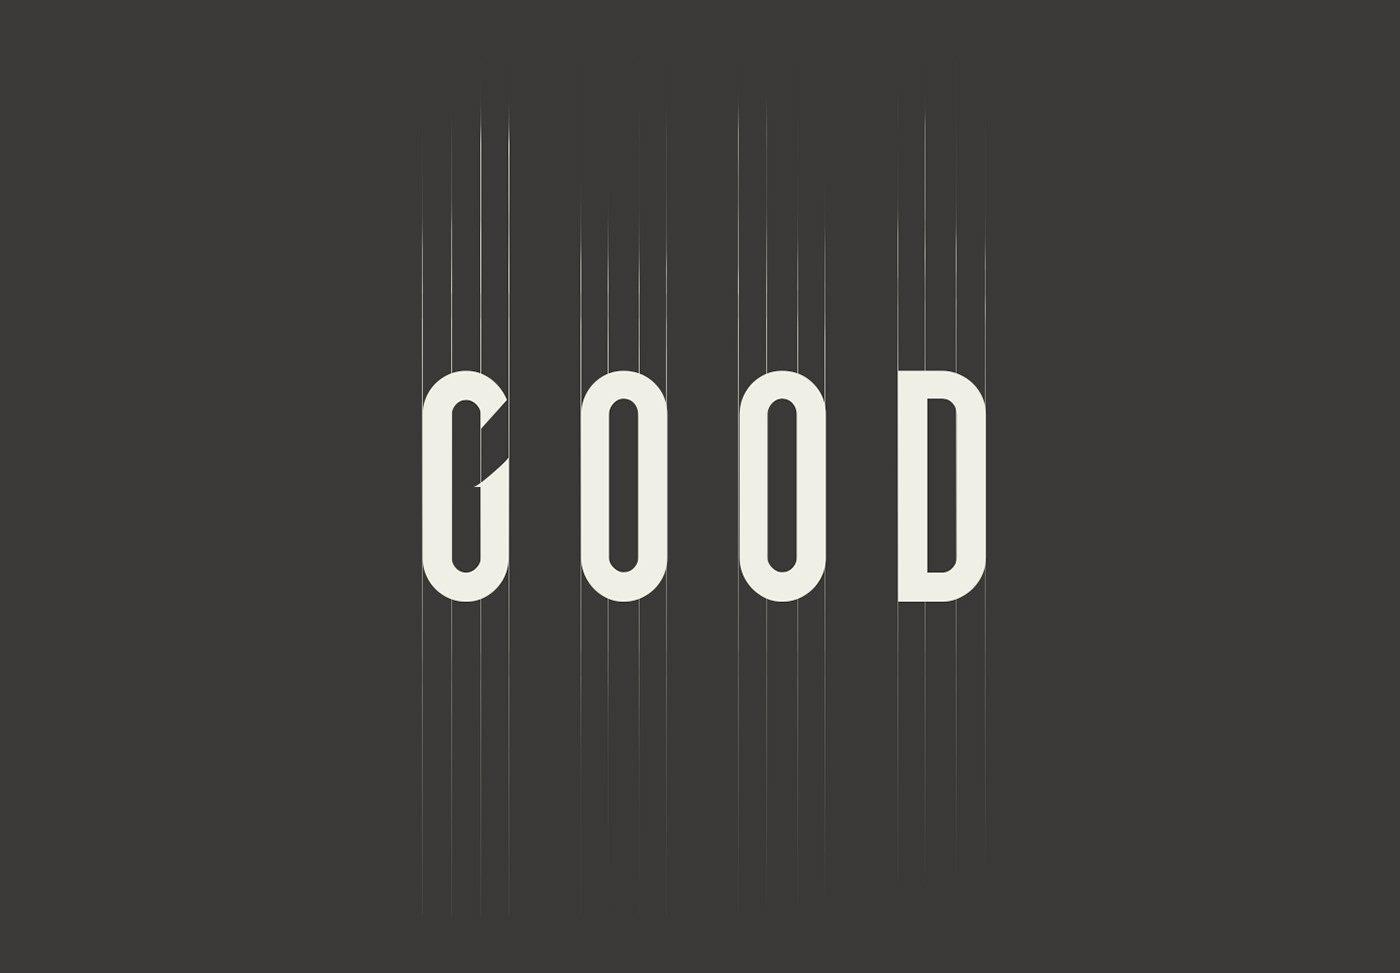 pogo-typeface-3